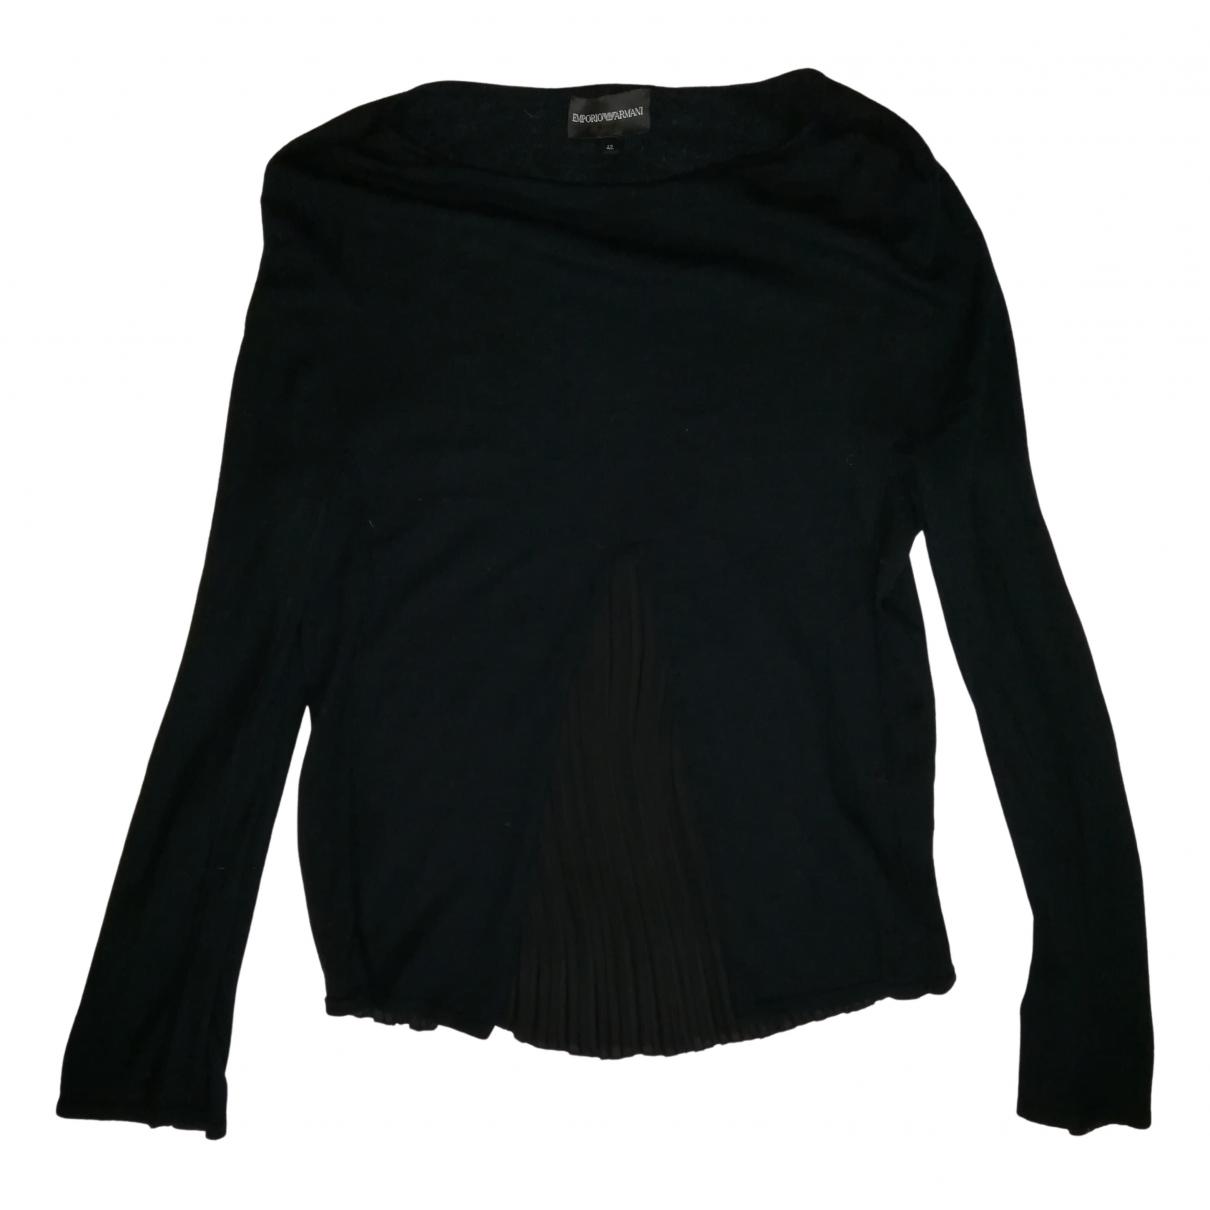 Emporio Armani \N Pullover in  Schwarz Synthetik